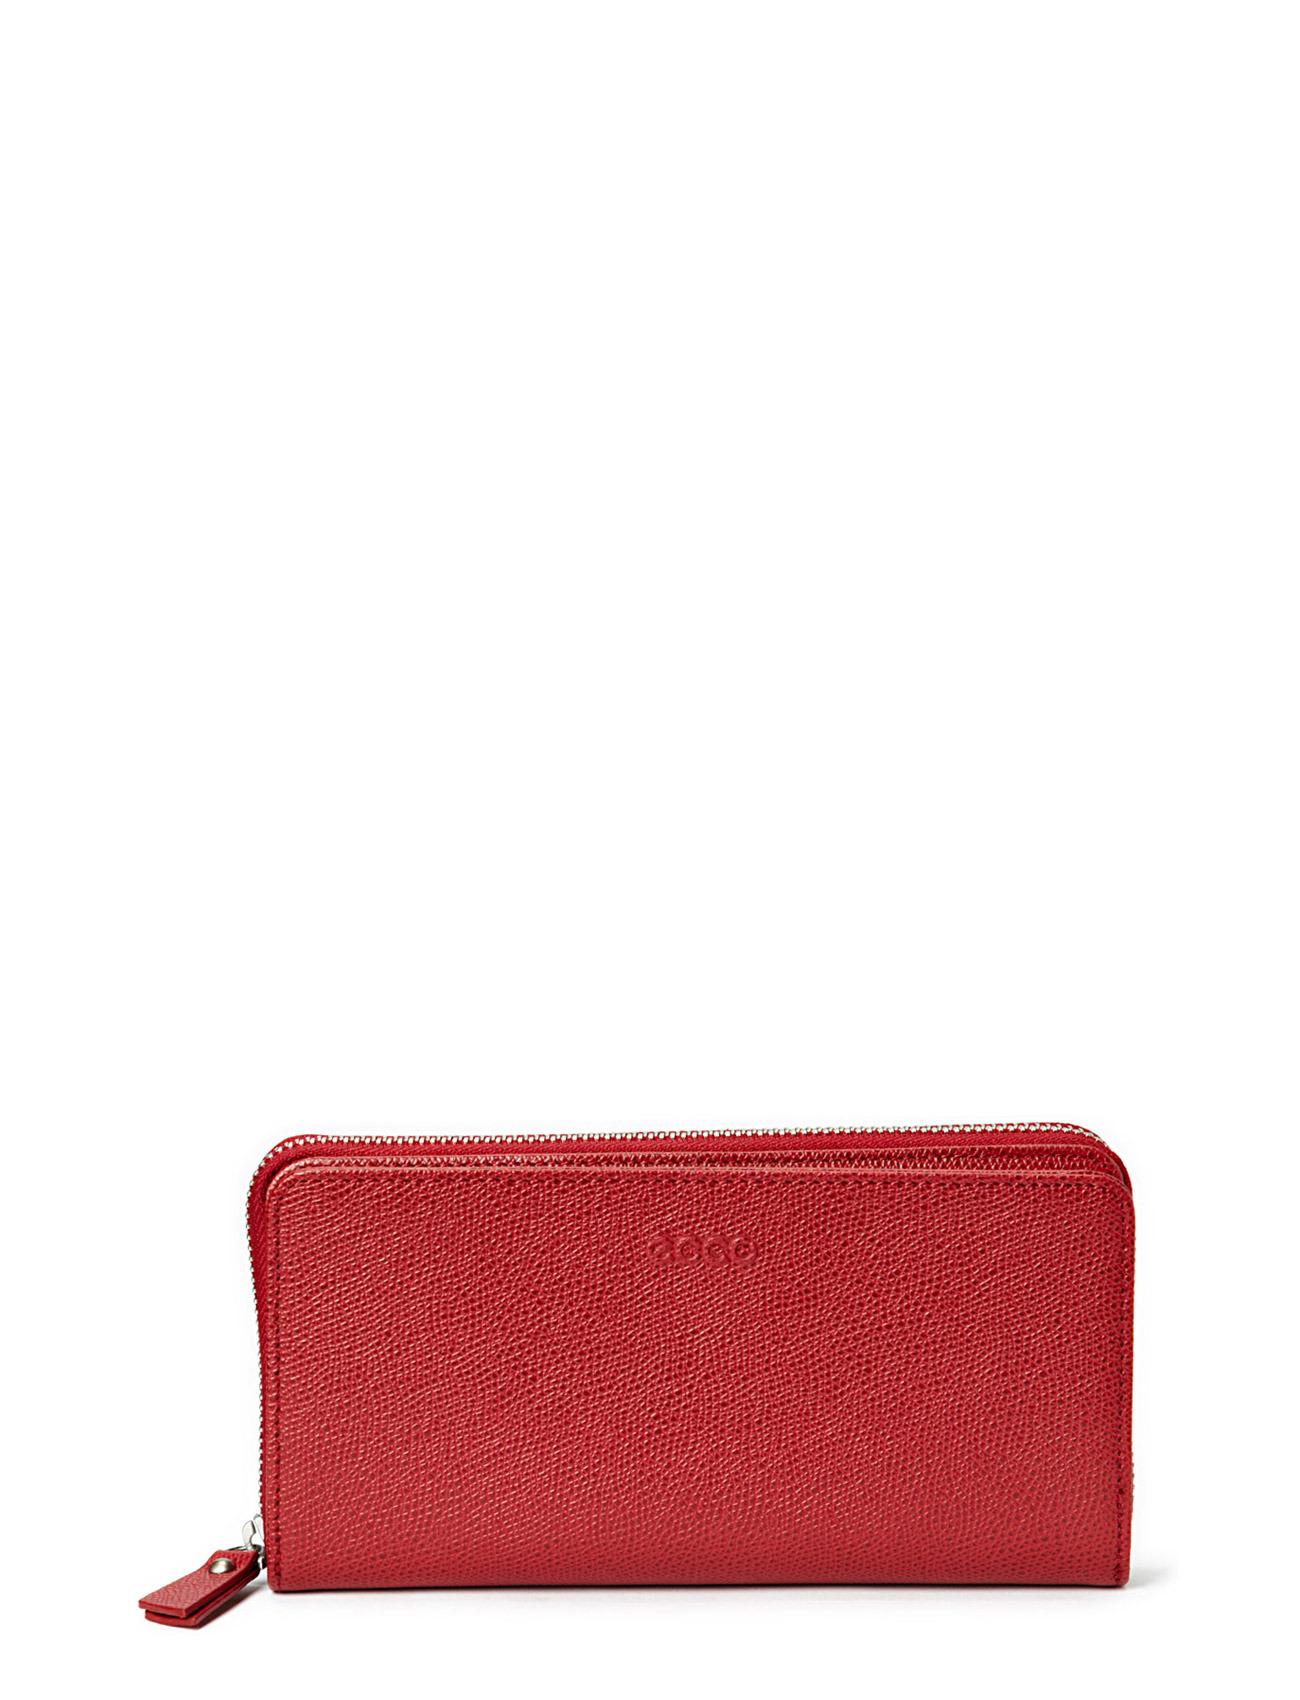 Belaga Large Ziparound Wallet